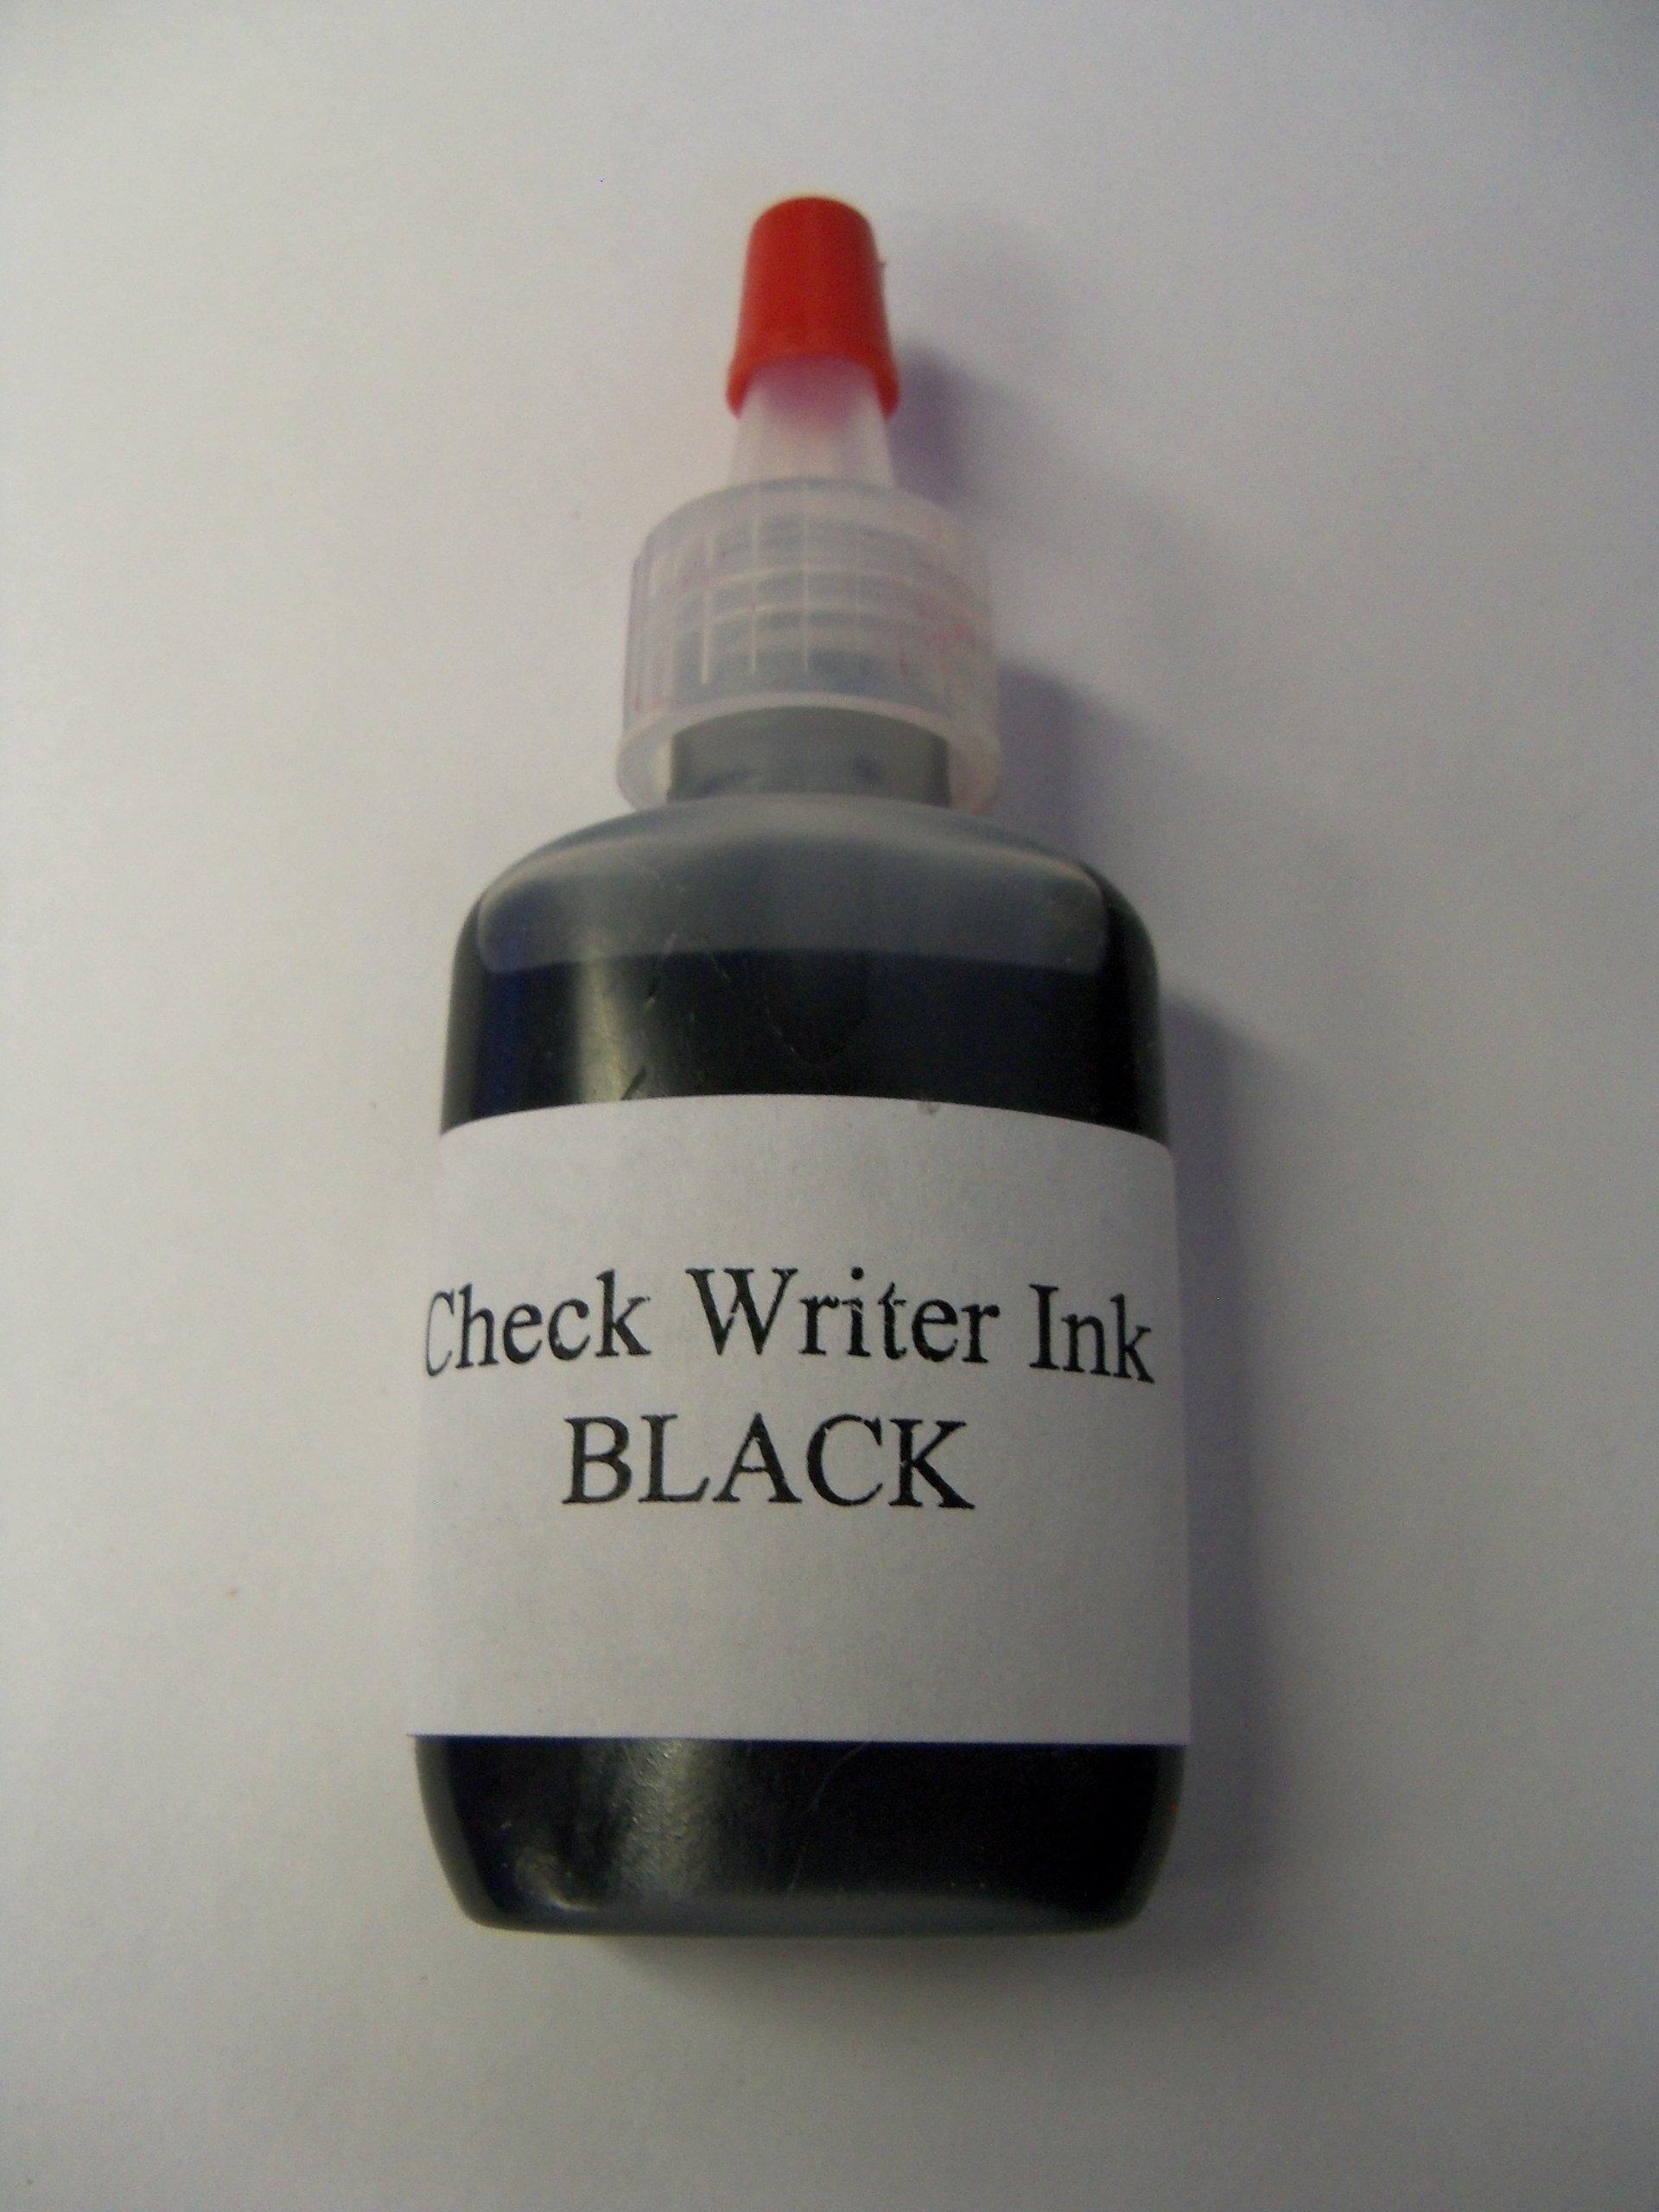 Paymaster or Hedman Check Wrter & Check Protector Ink - BLACK